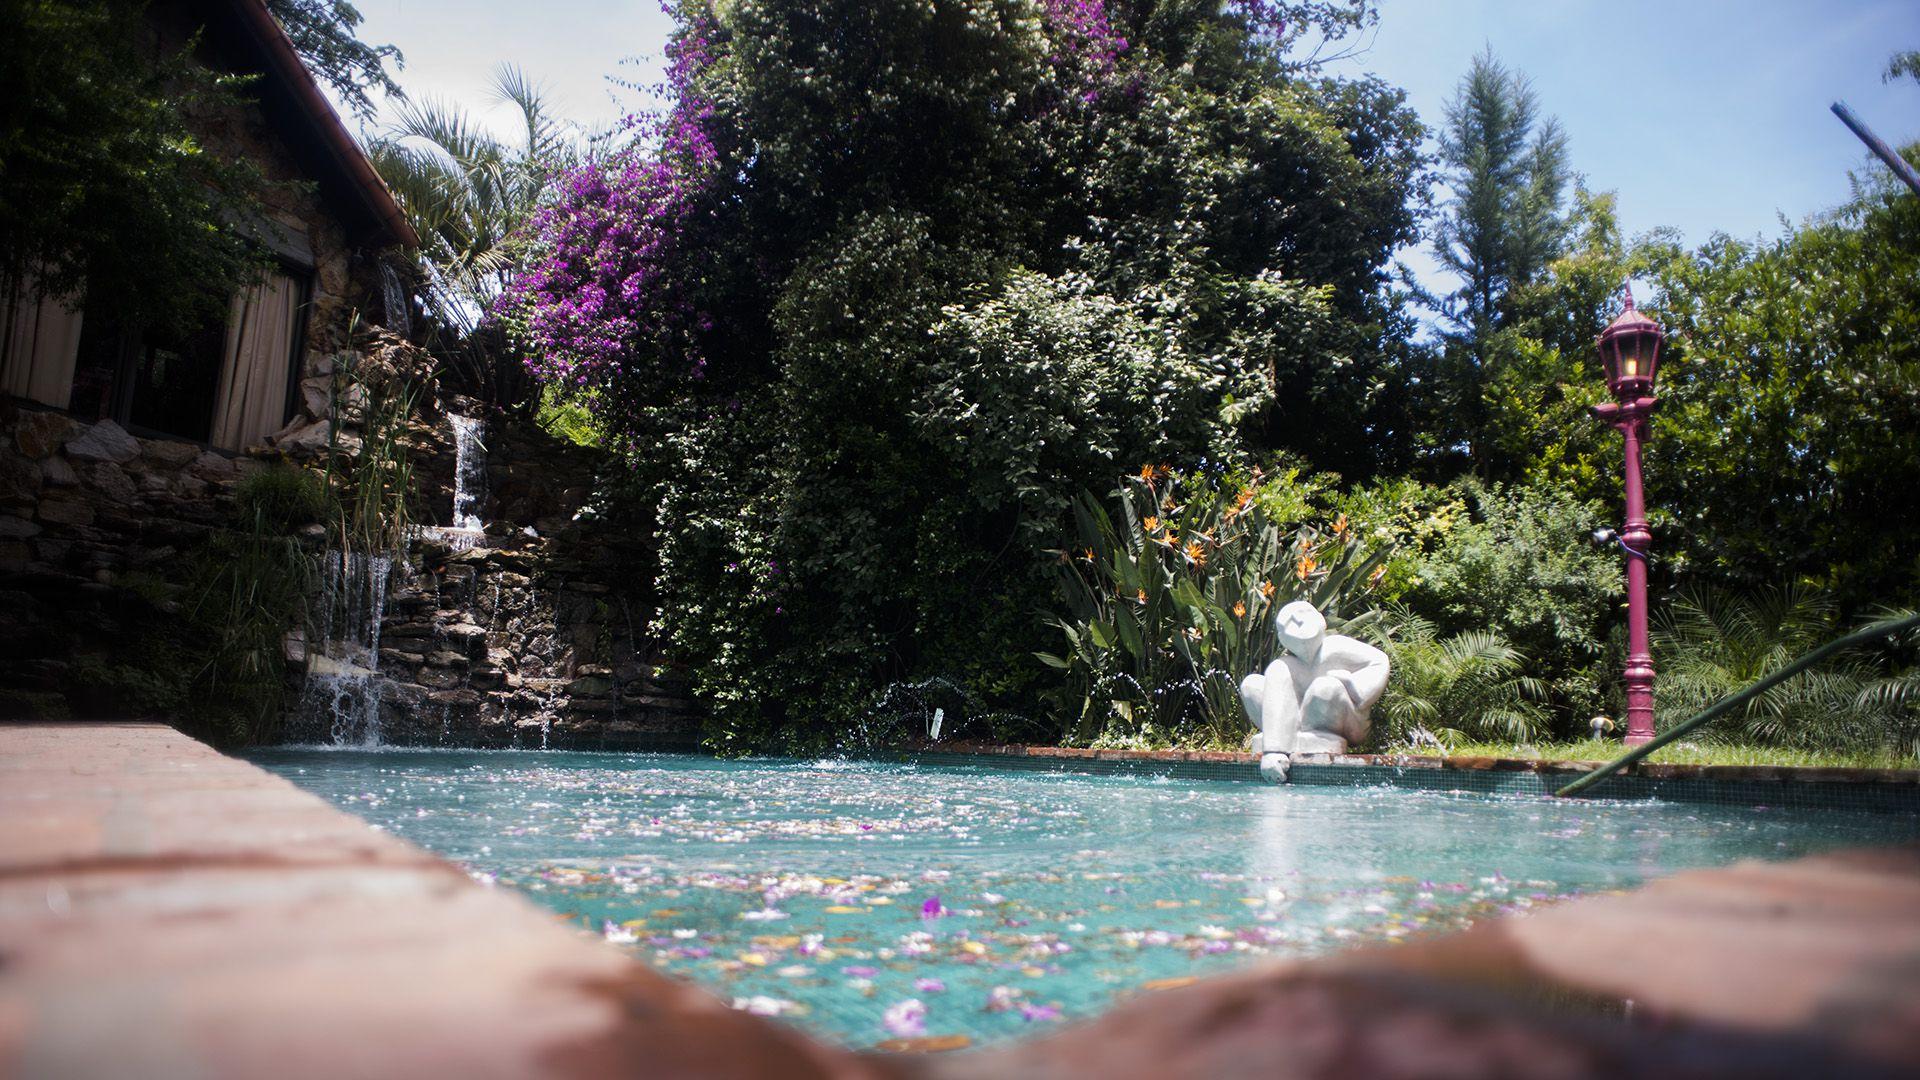 La piscina con cascada en el jardín de la casa del director teatral (Adrián Escandar)